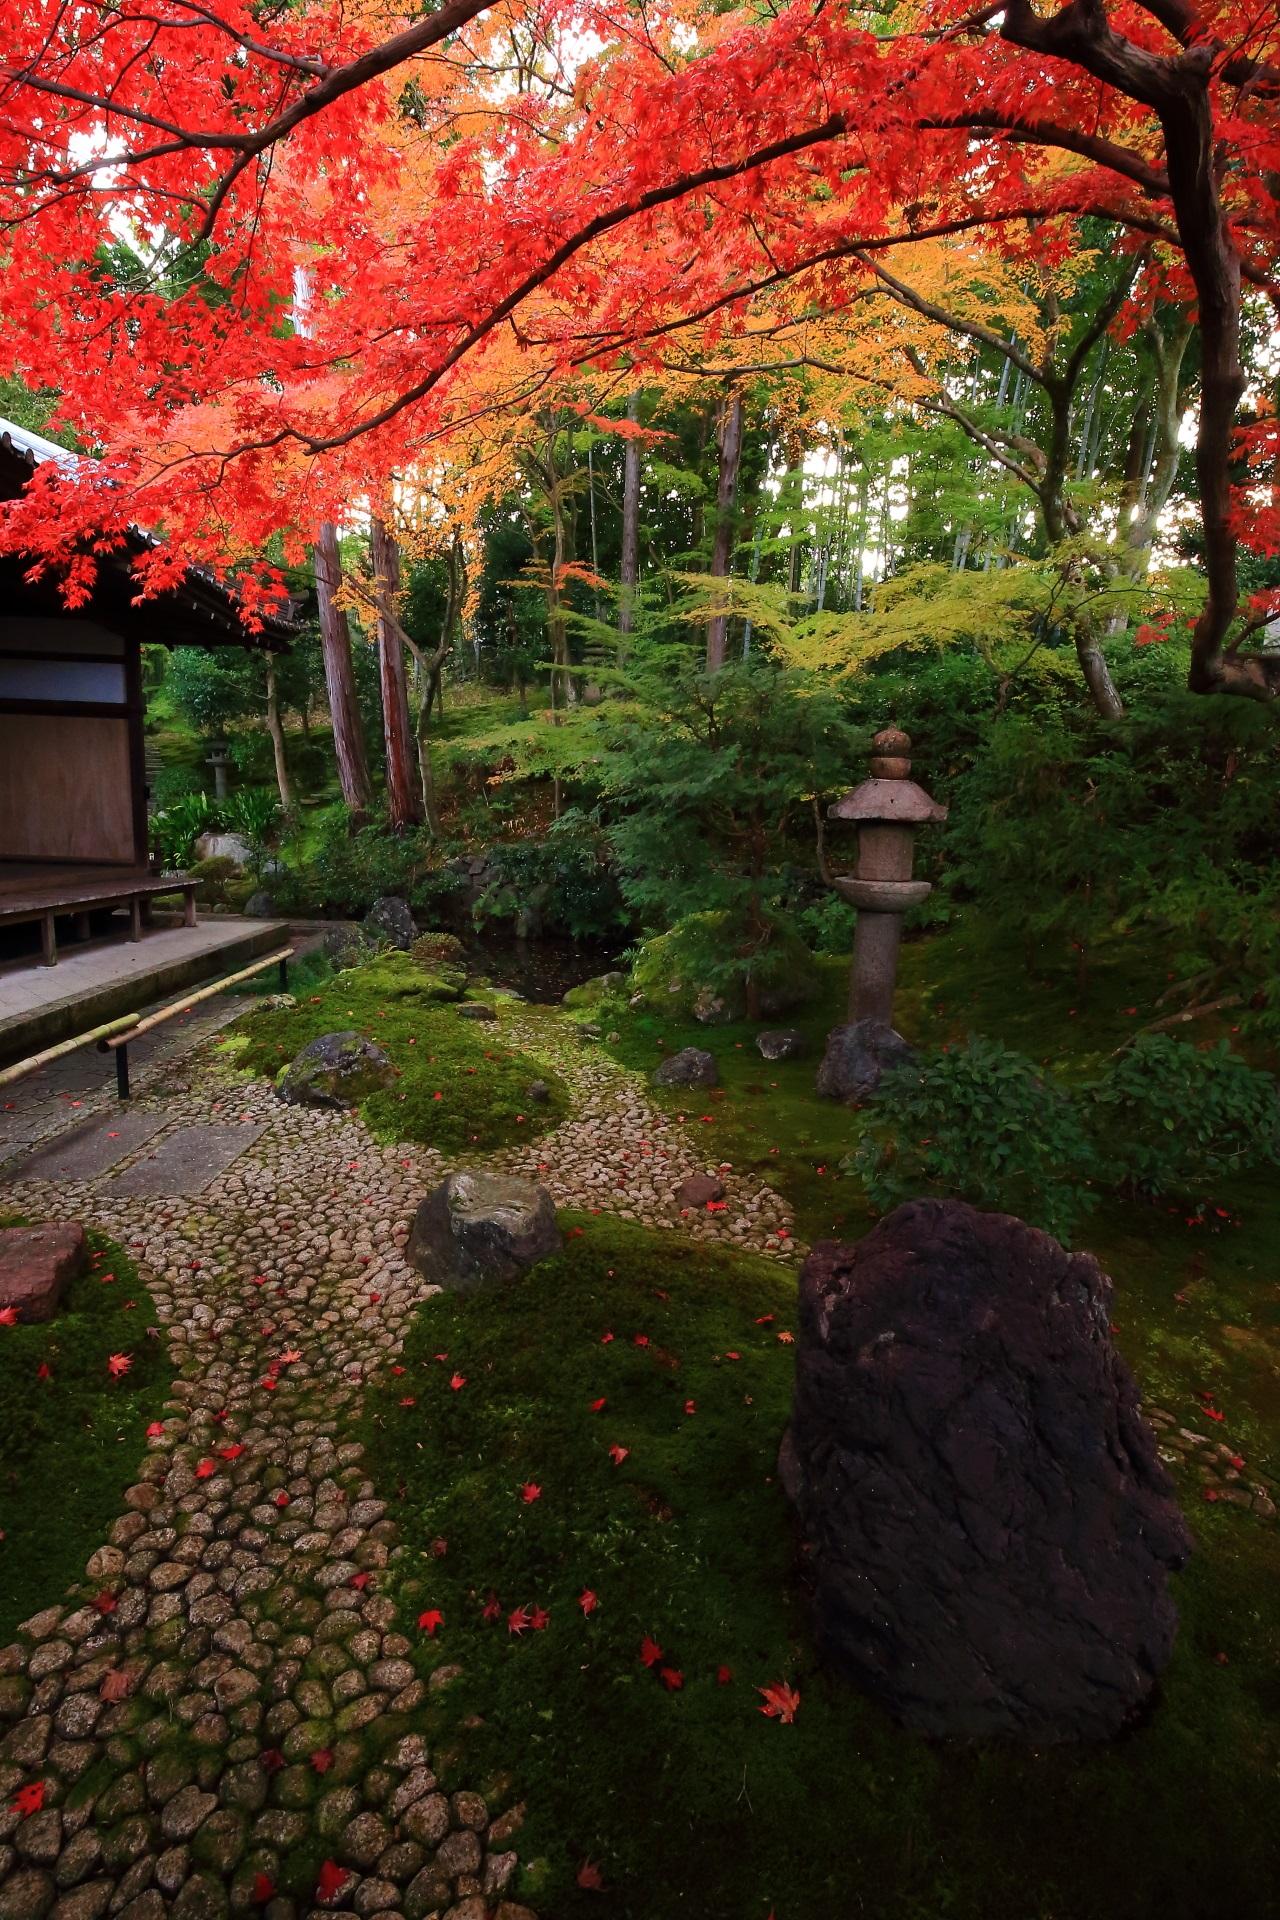 華やかに赤い紅葉が散る緑の苔や岩